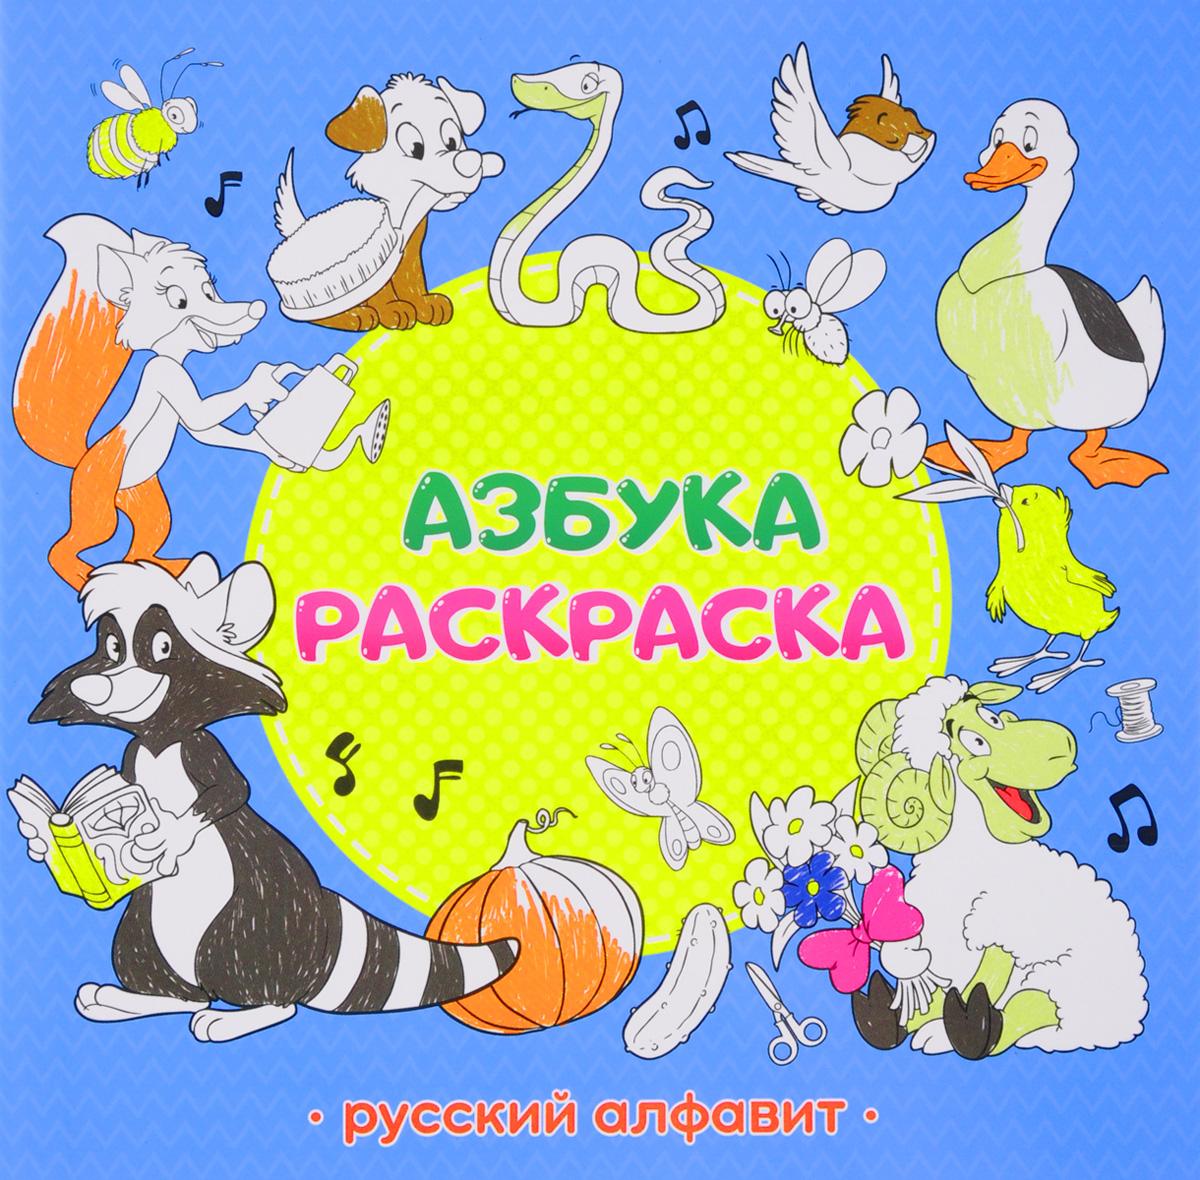 Русский алфавит. -раскраска